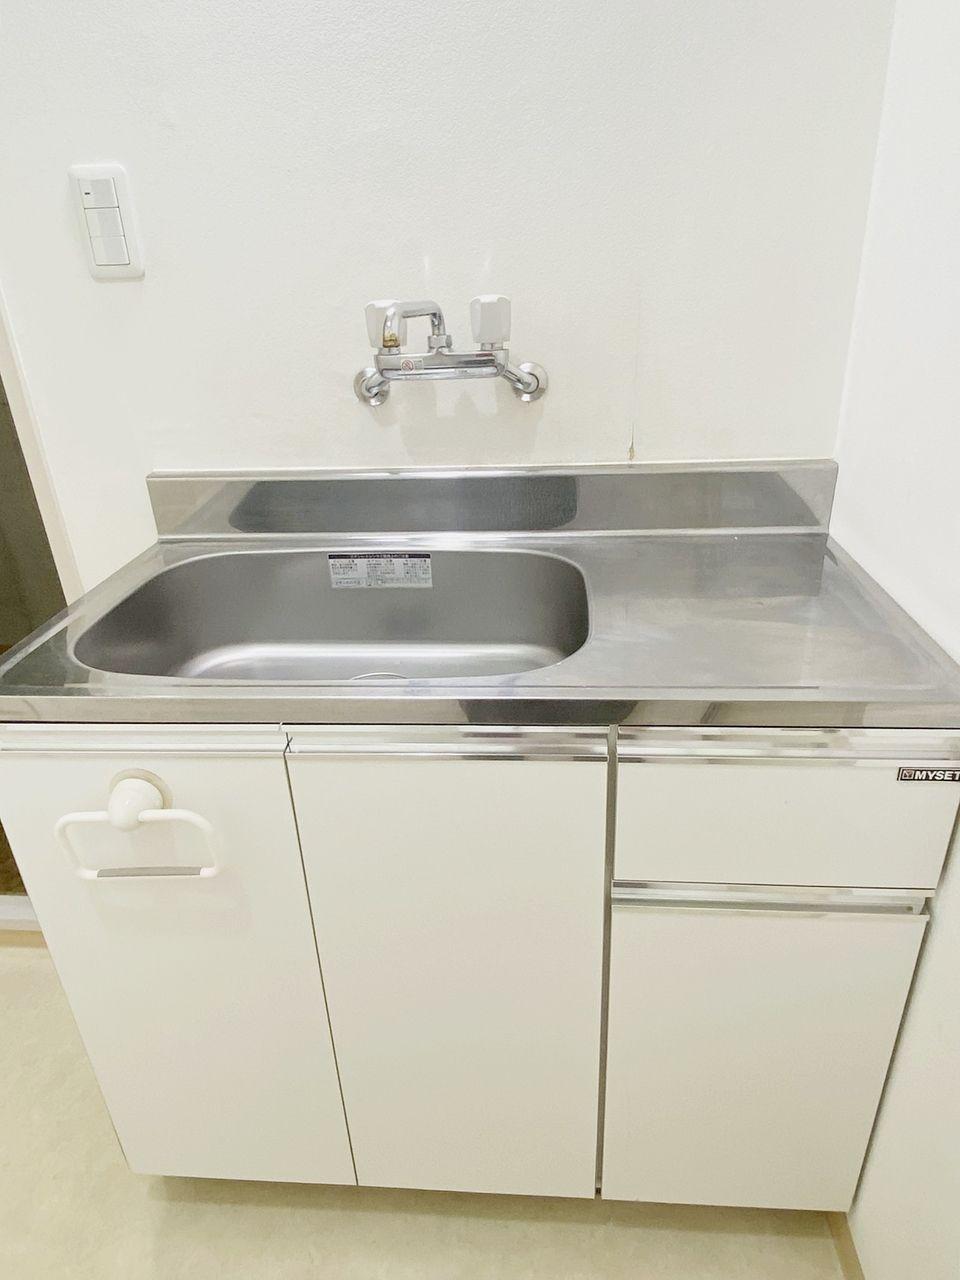 キッチンが独立しています。キッチン下にミニ給湯器がありお湯も使用可能です